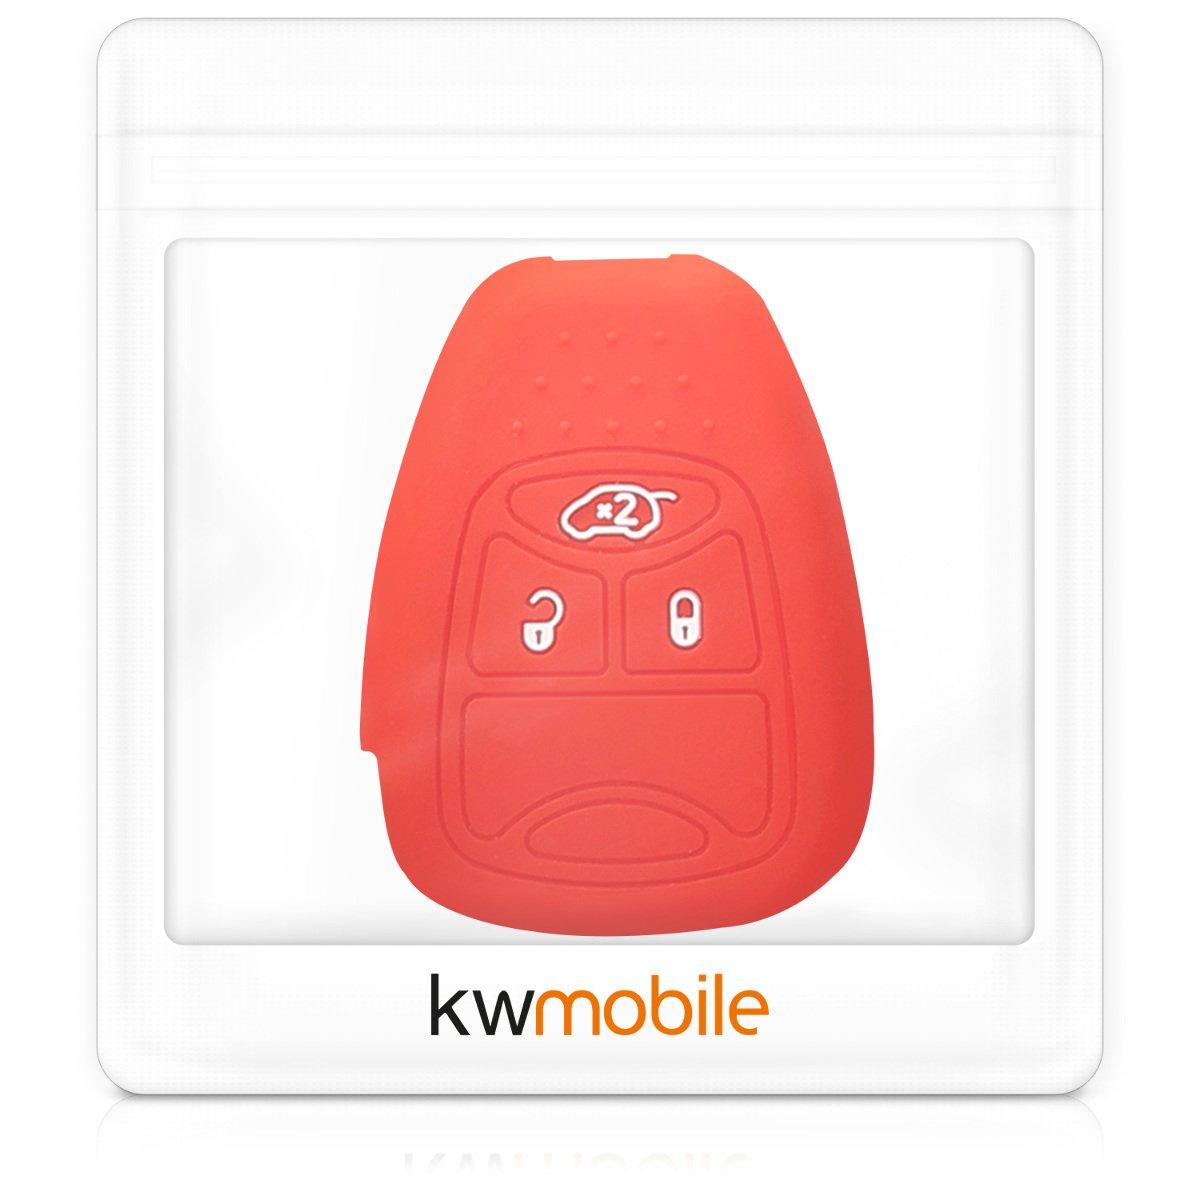 Rosso kwmobile 43248.09 accessorio per dispositivo portatile custodia rossa colore Accessorio per dispositivi portatili